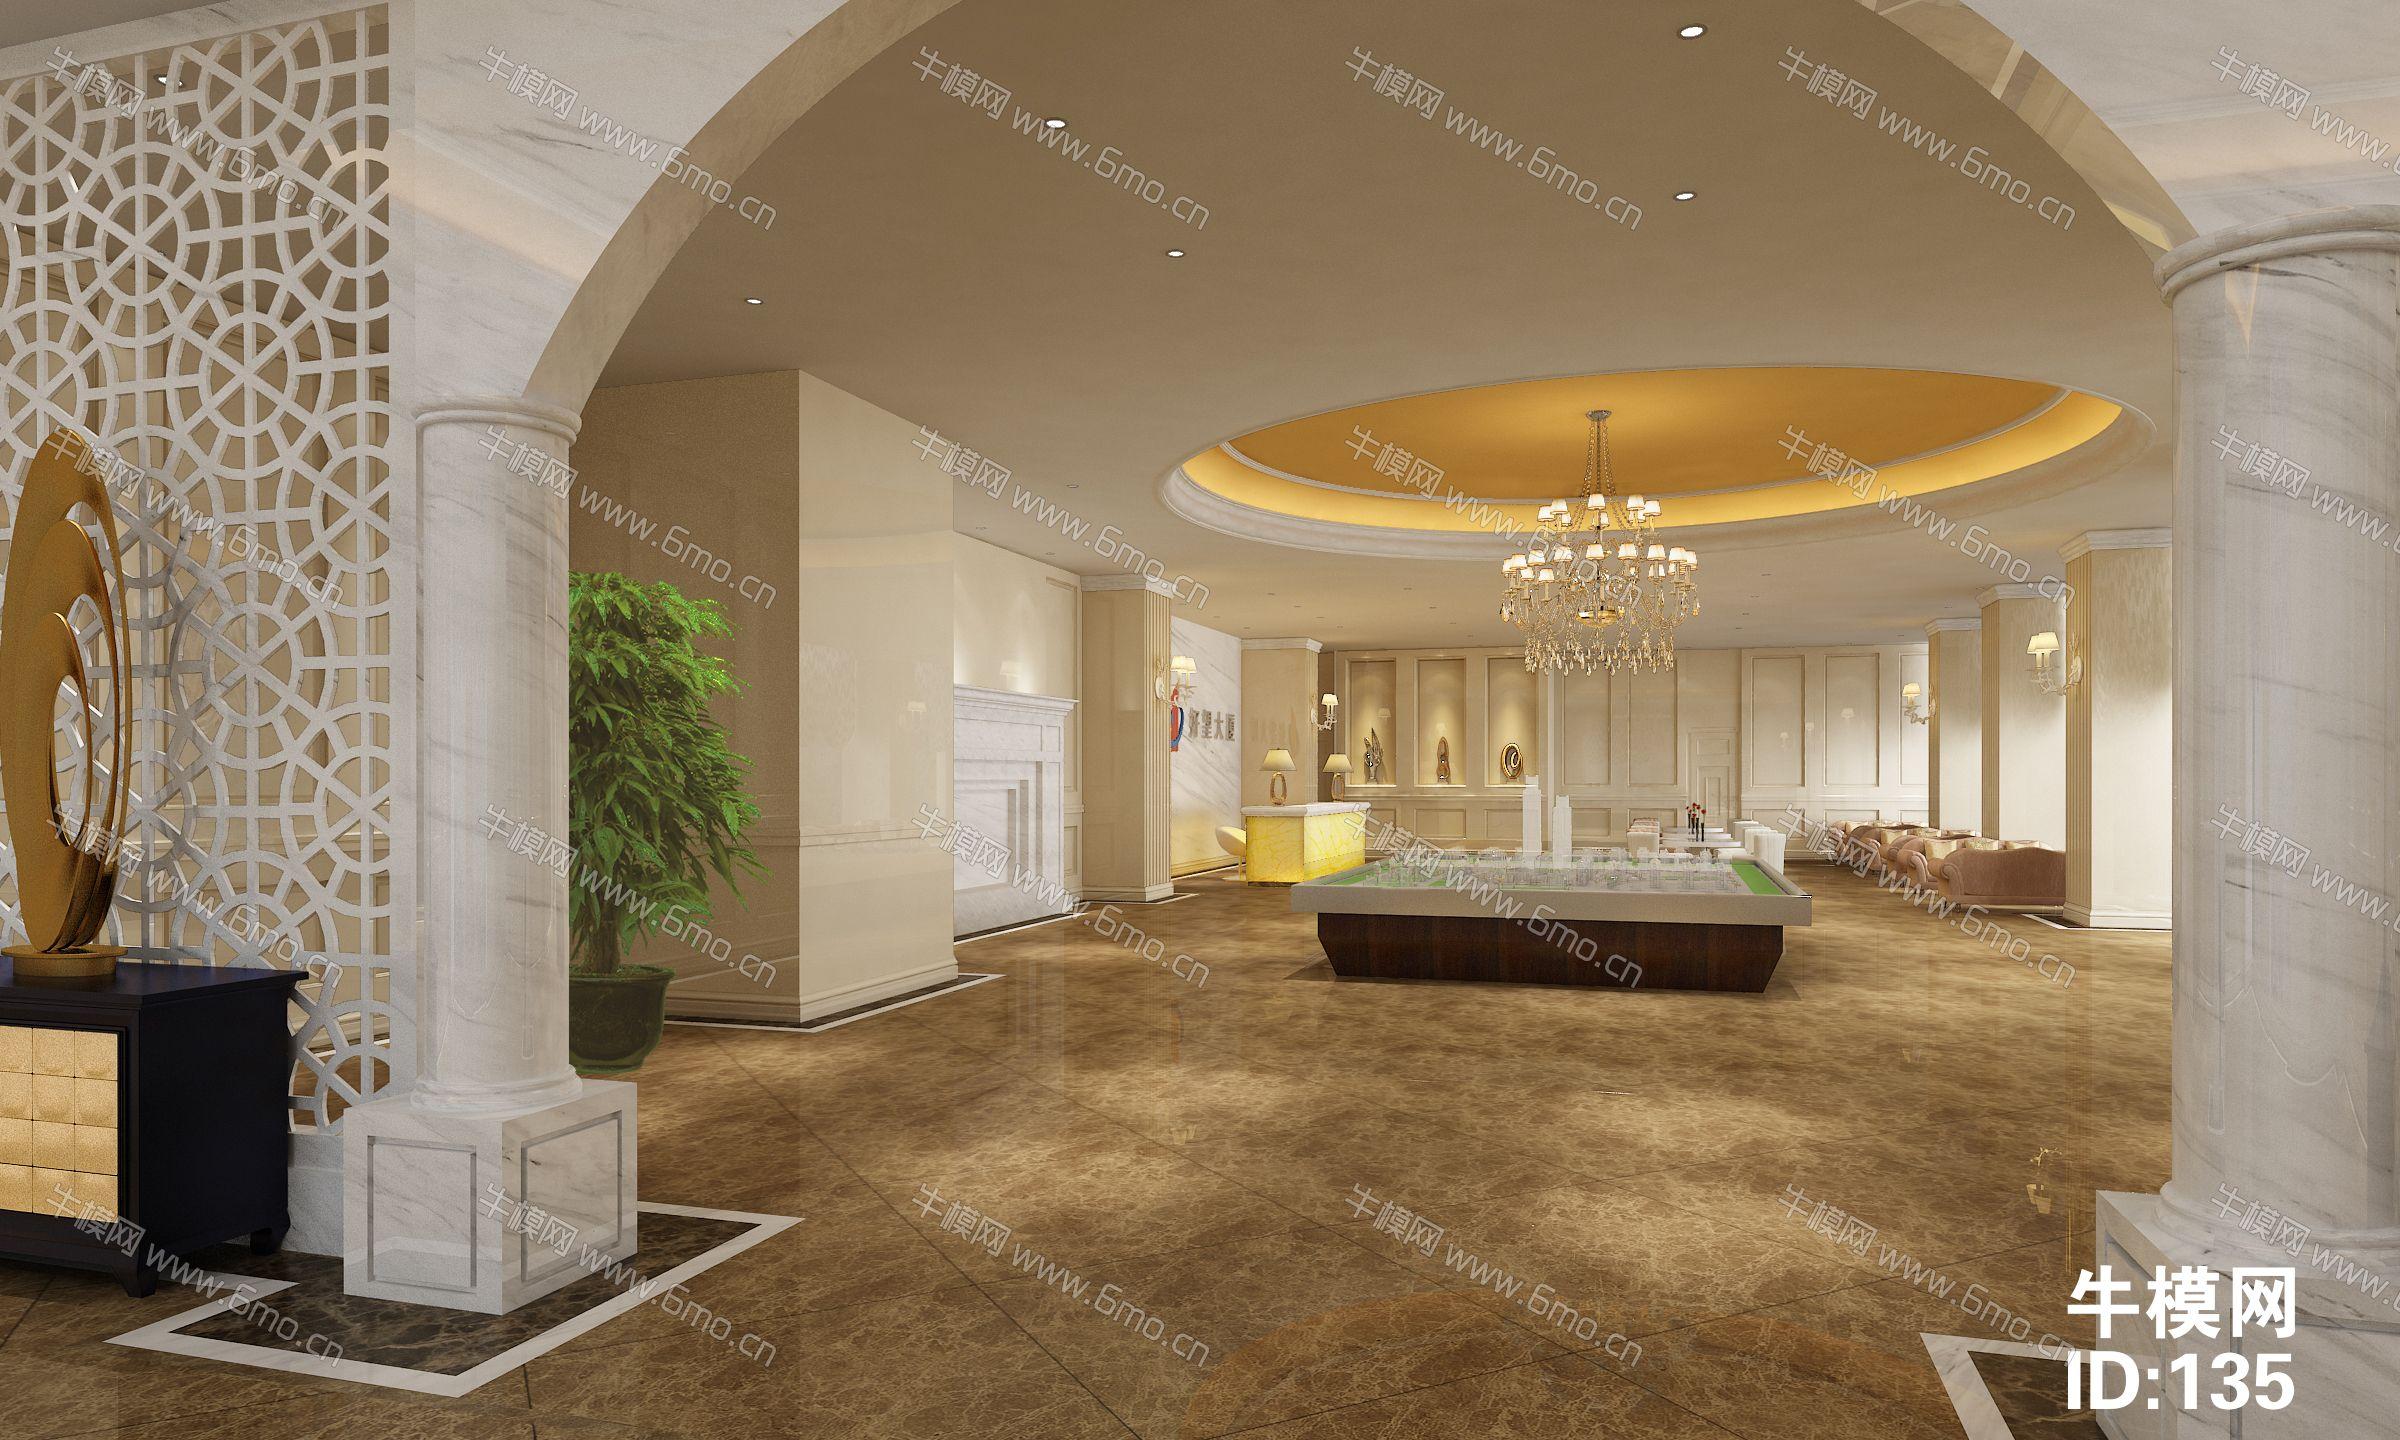 现代售楼处大厅沙盘